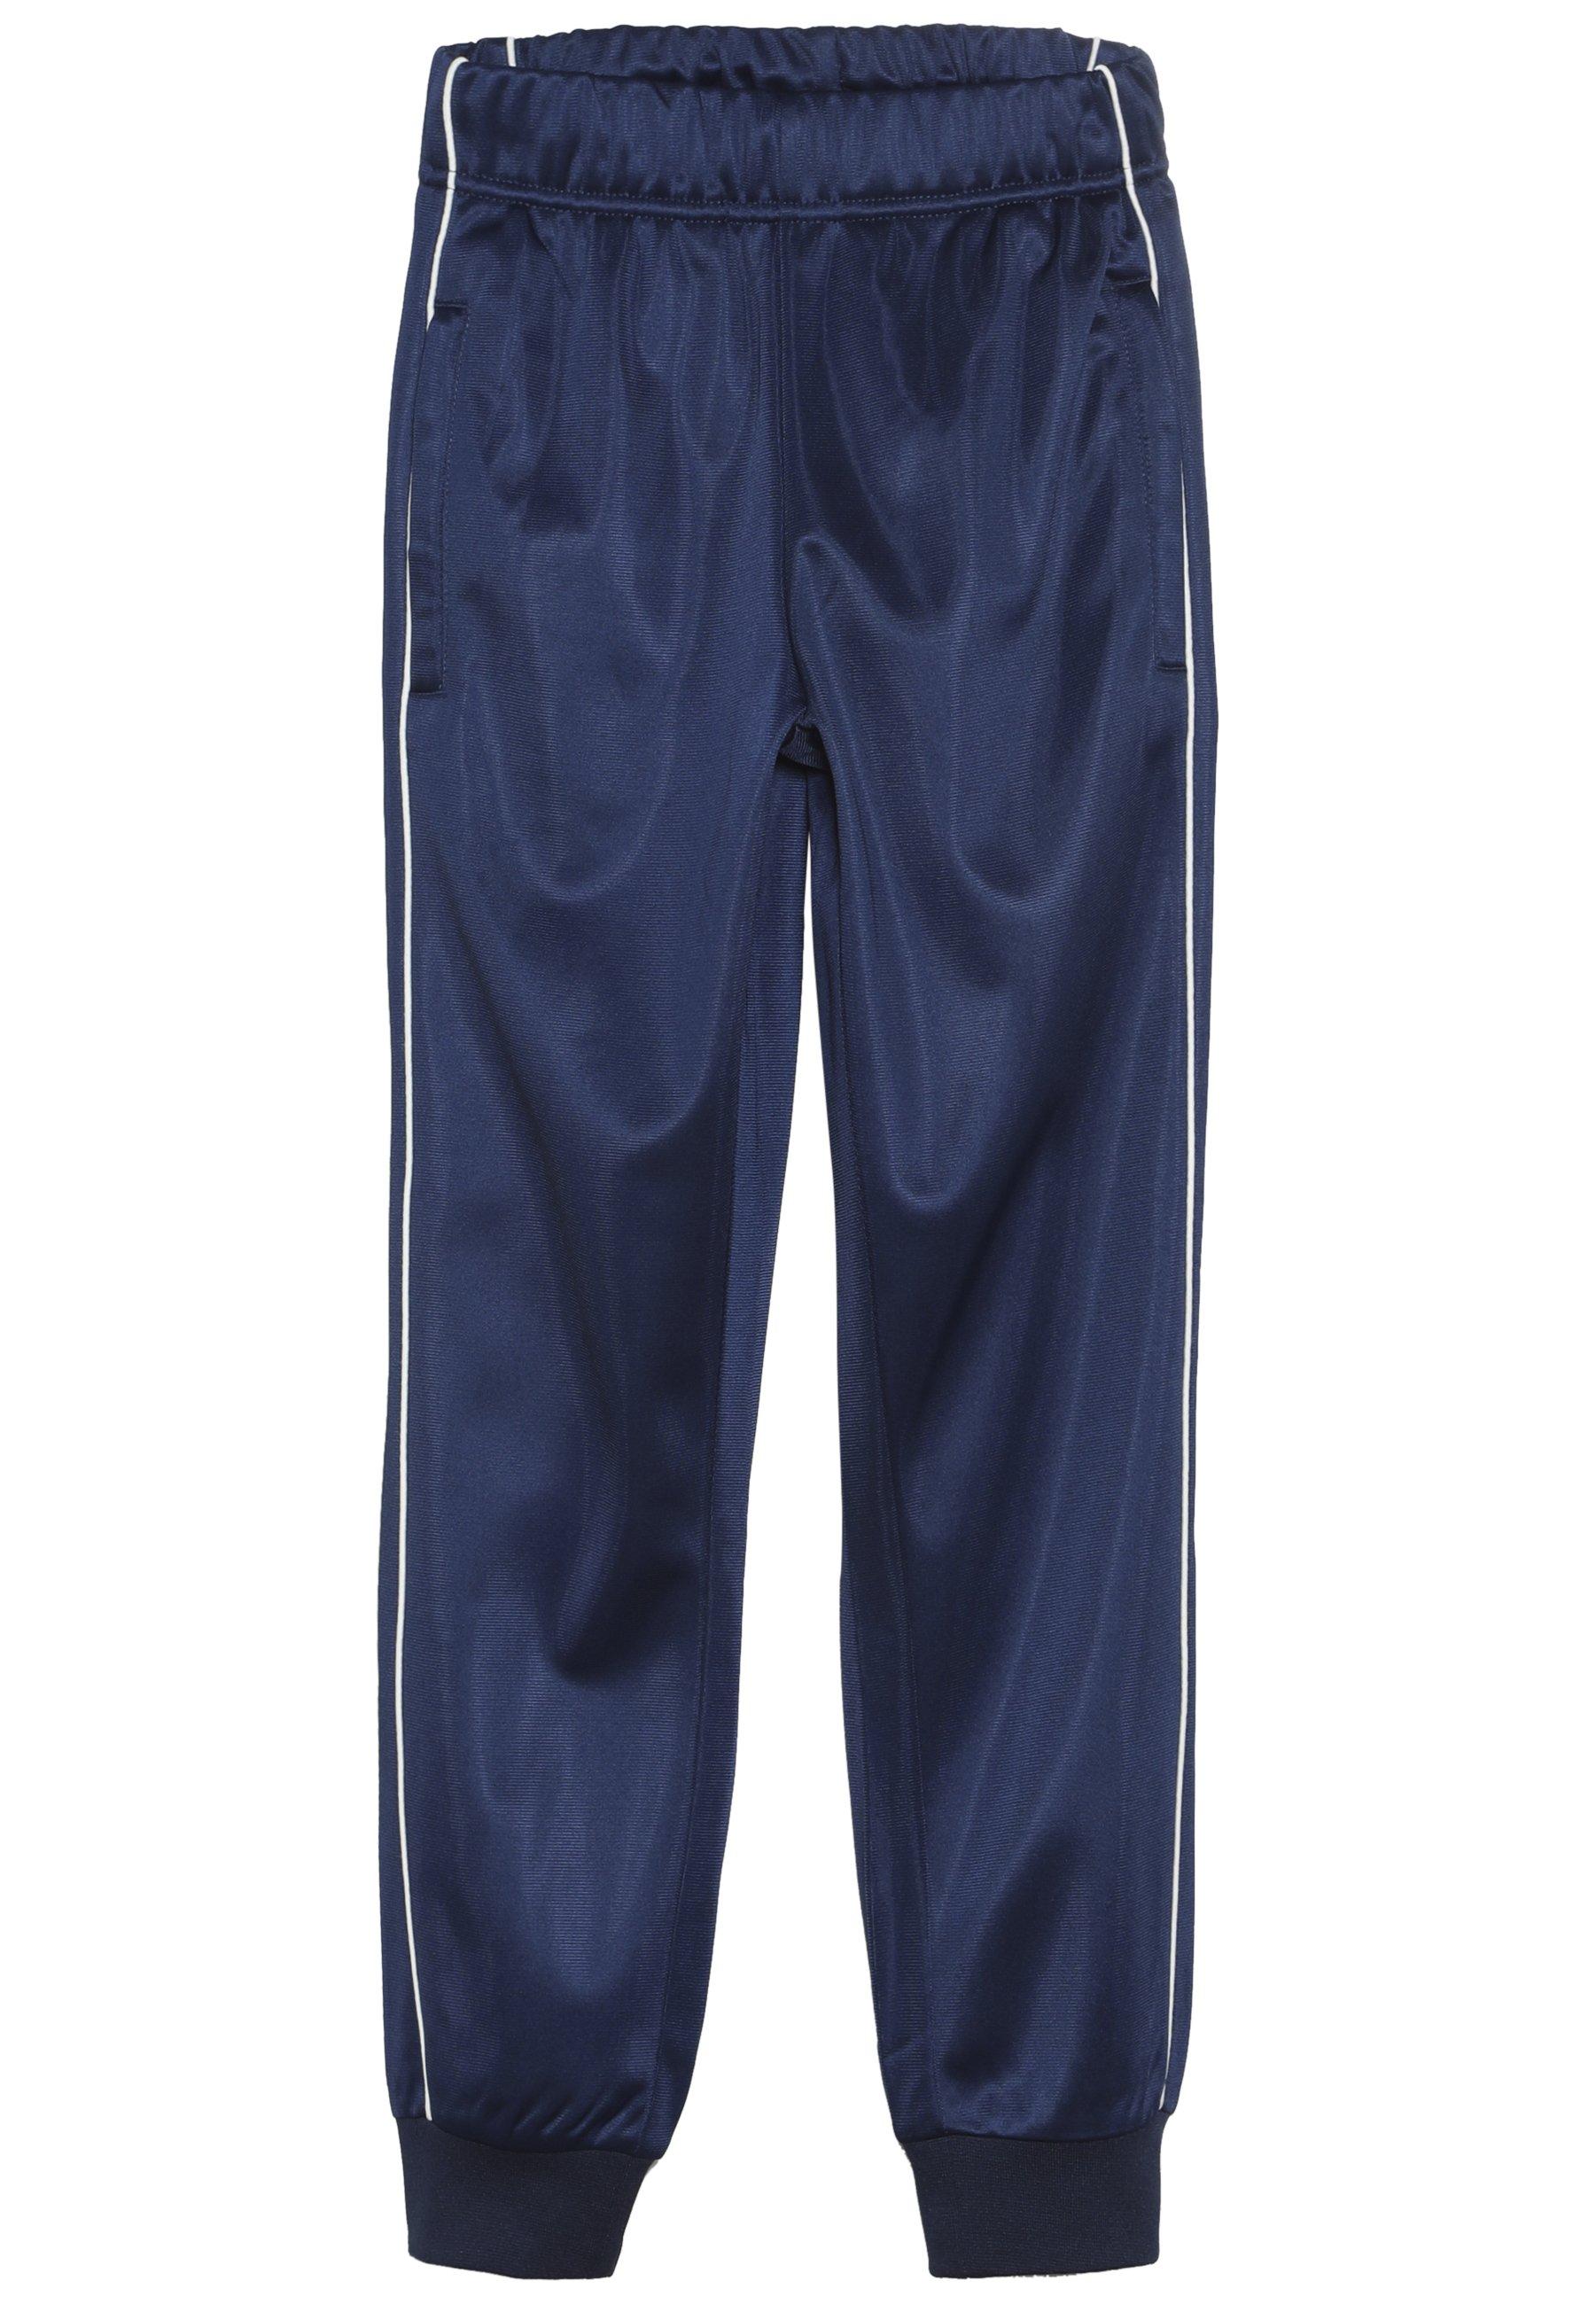 AUBIN Pantalon de survêtement Sailor